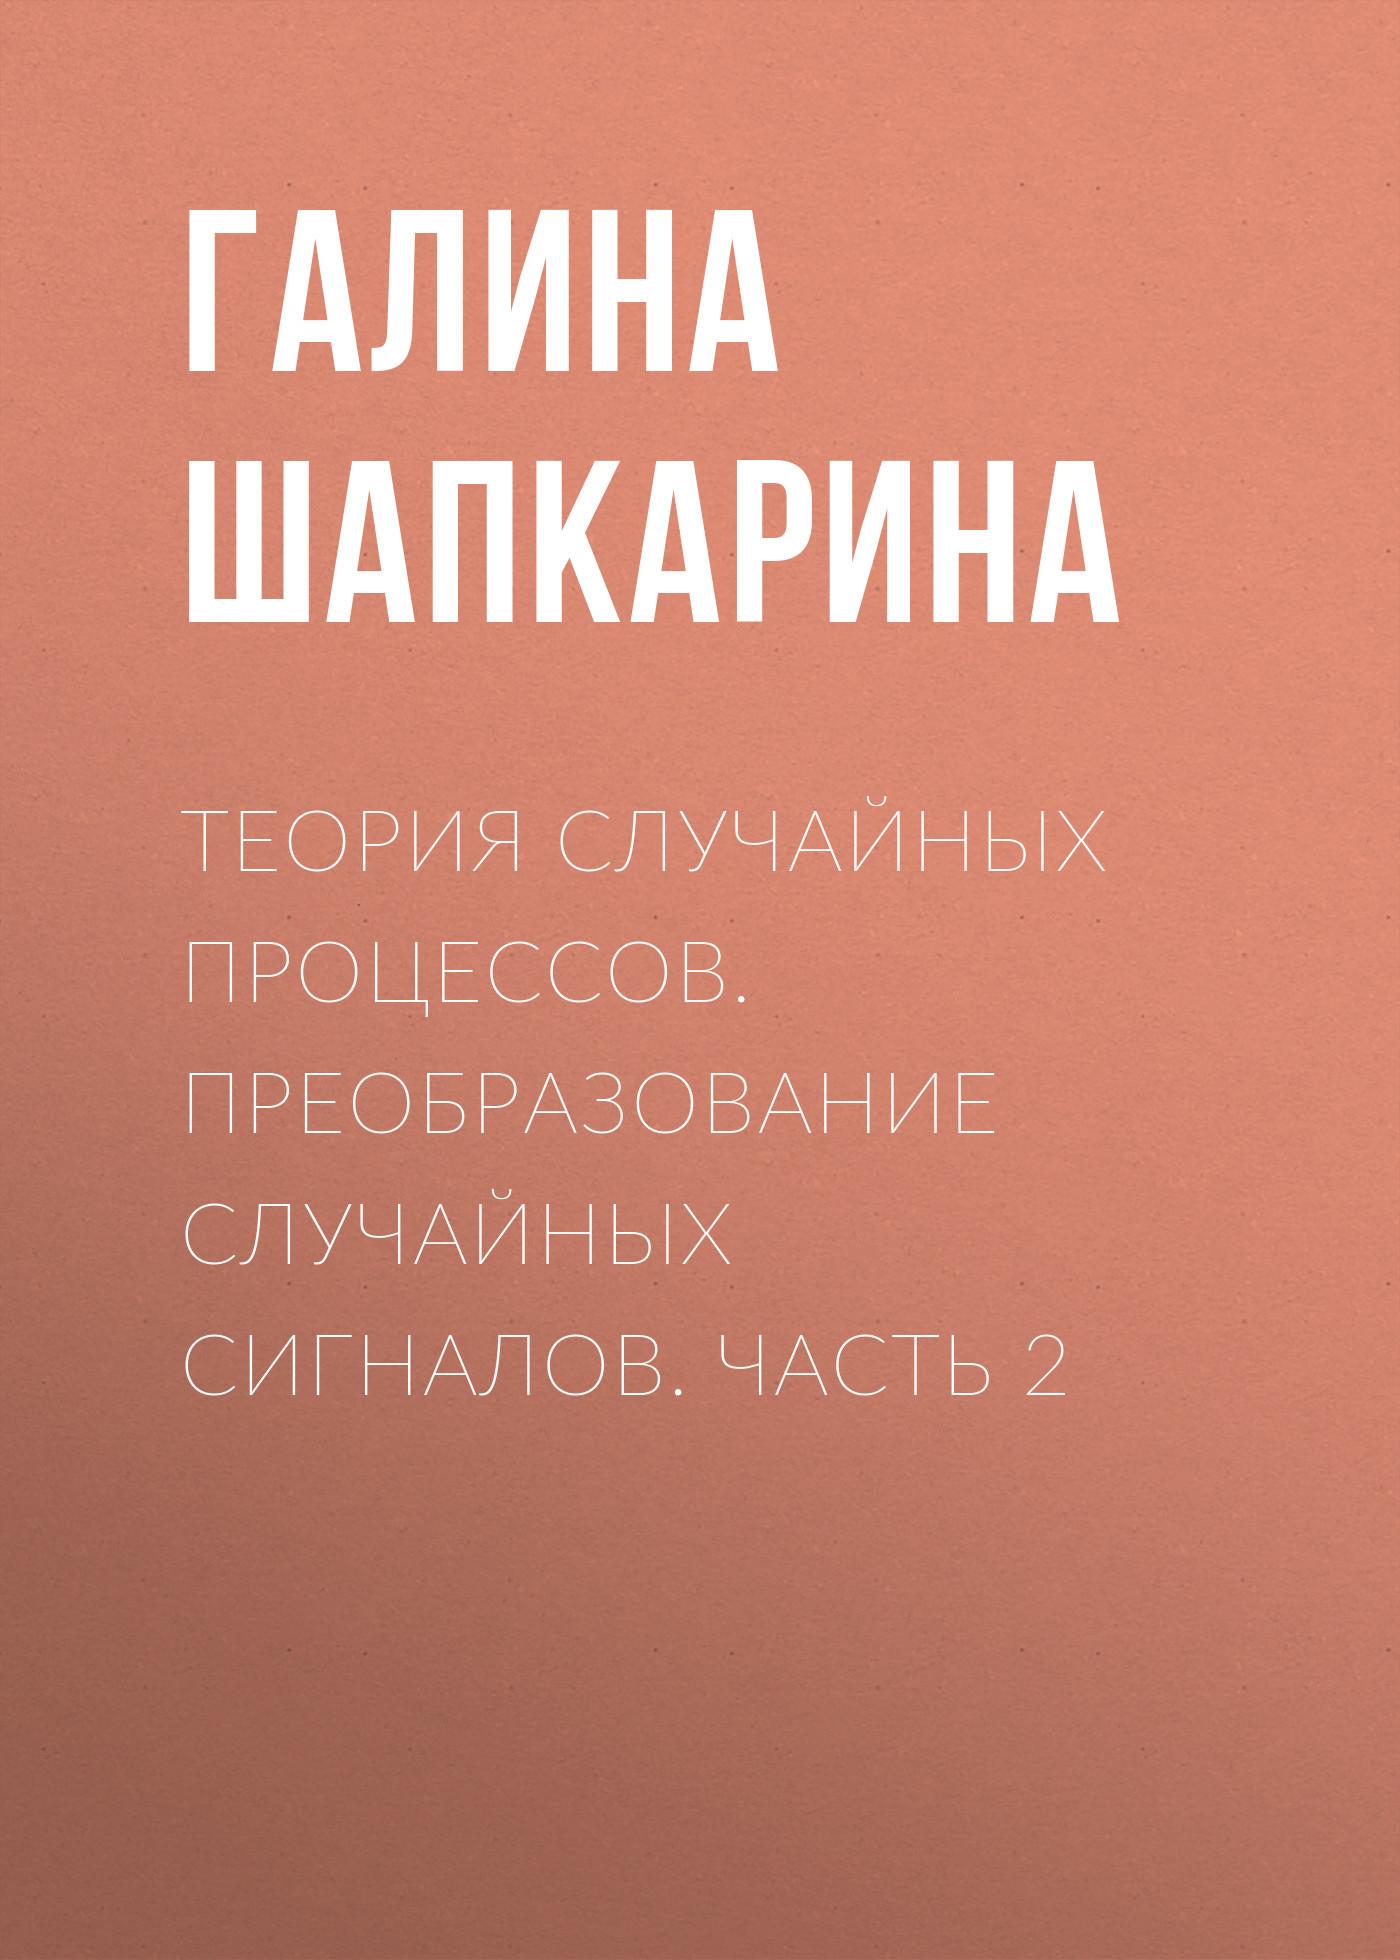 Галина Шапкарина Теория случайных процессов. Преобразование случайных сигналов. Часть 2